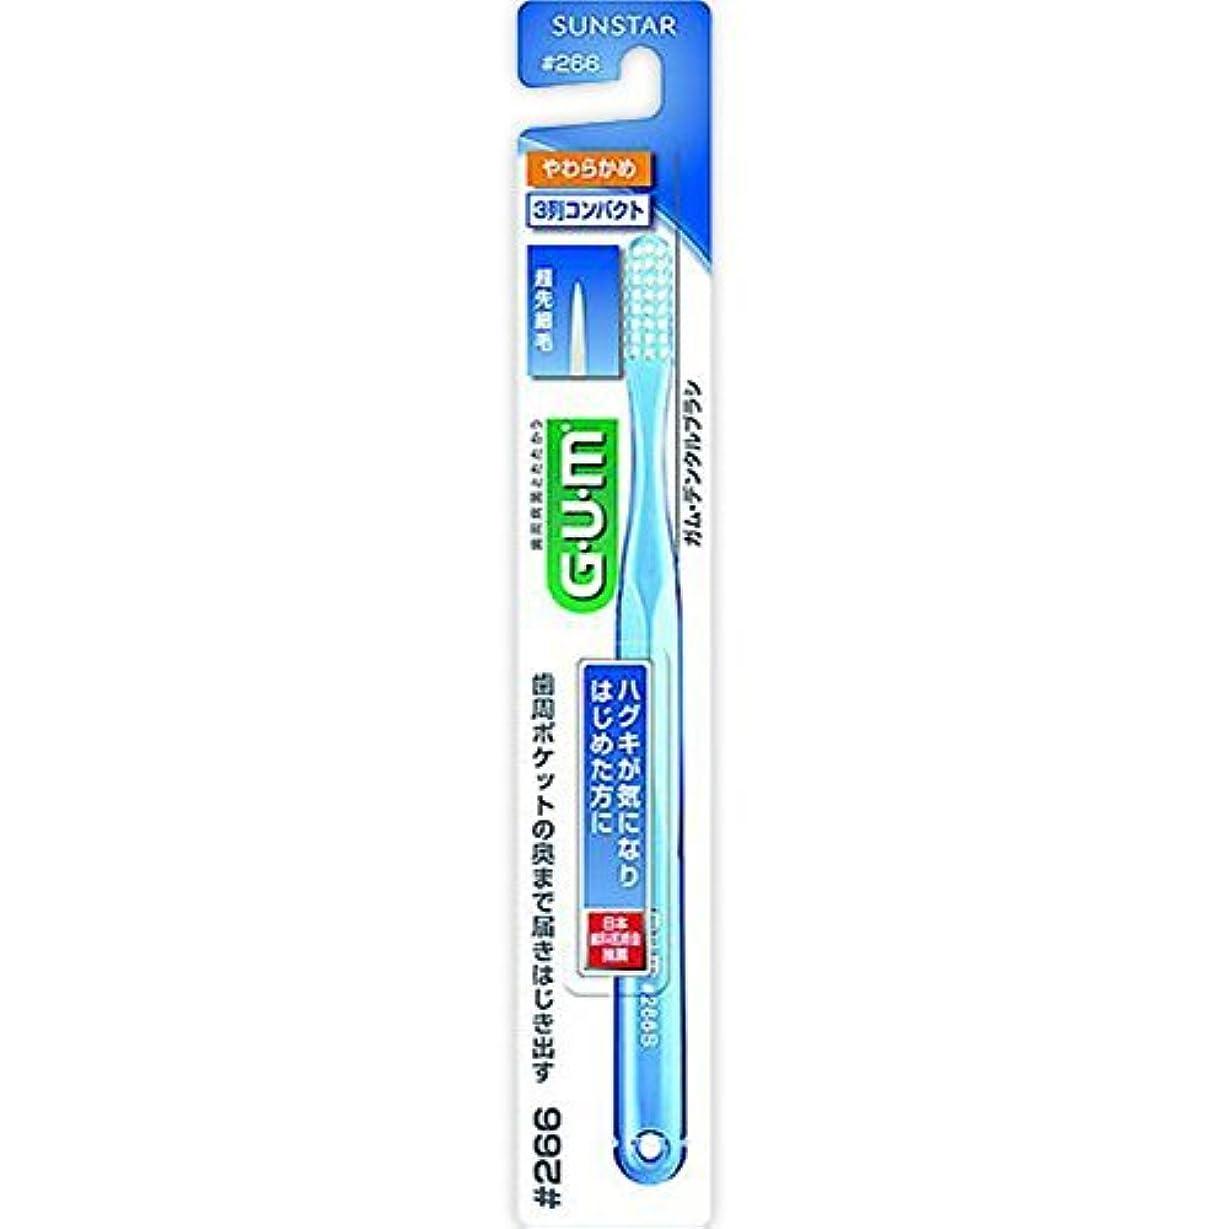 セラフ一緒粉砕する【まとめ買い】GUM デンタルブラシ コンパクトヘッド ウルトラソフト #266 ×2セット